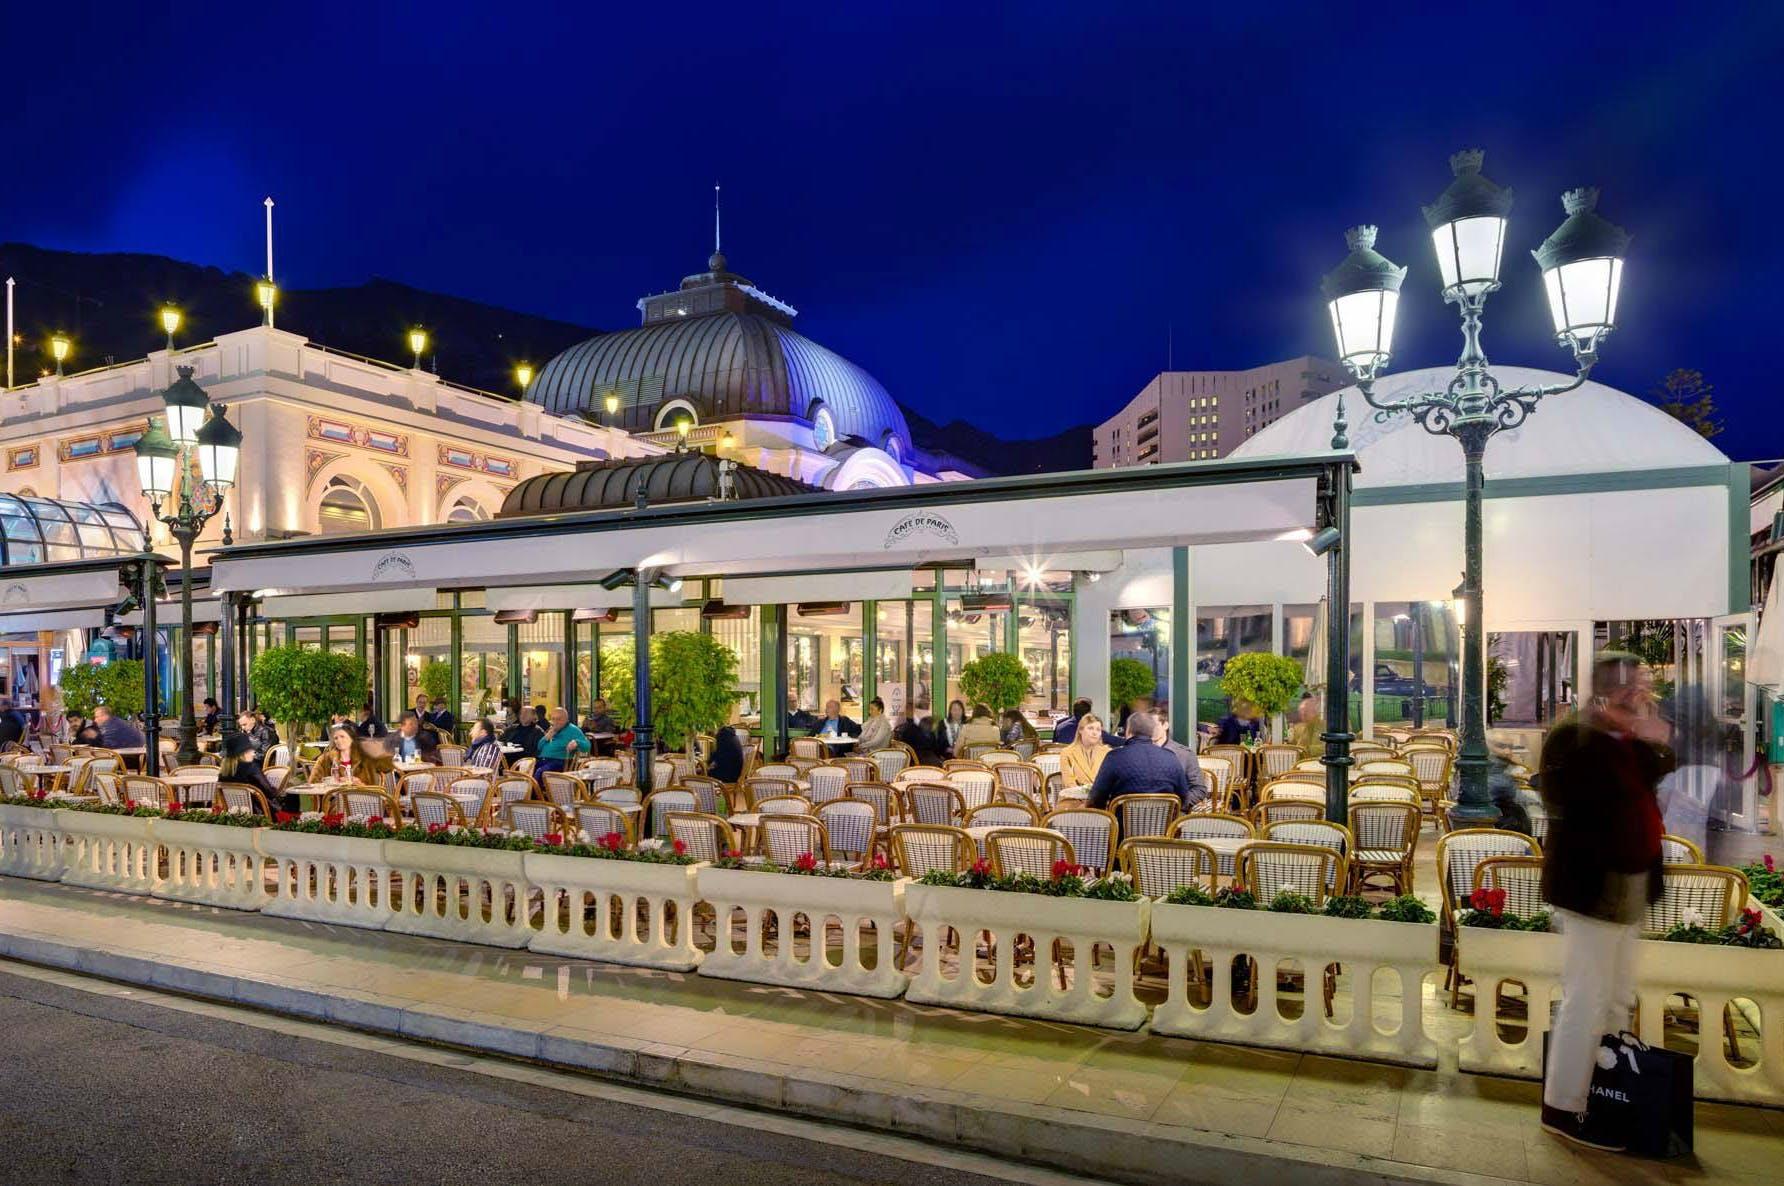 Ver la ciudad,Tickets, museos, atracciones,Gastronomía,Noche,Entradas a atracciones principales,Tours nocturnos,Tours nocturnos,Tour por Niza